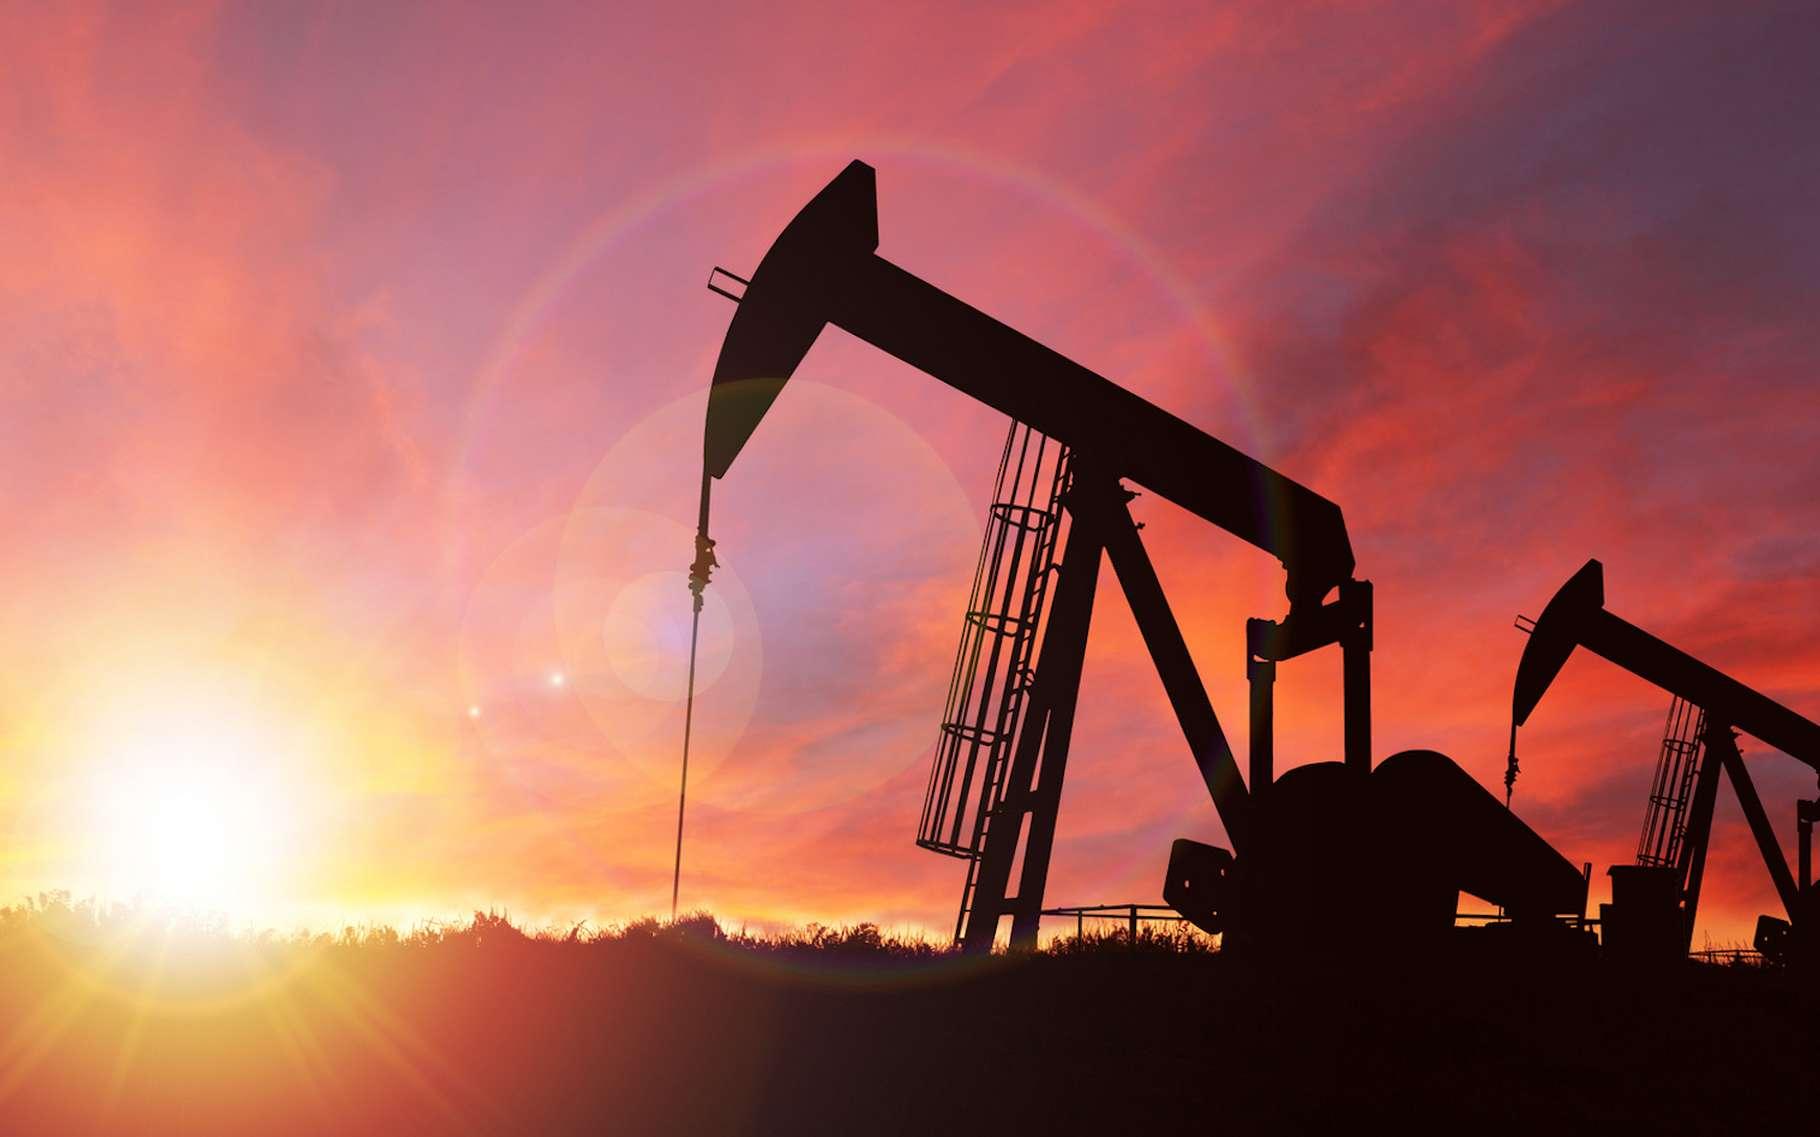 Selon des chercheurs de l'université de Calgary (Canada), les champs pétrolifères pourraient représenter de vastes réservoirs d'hydrogène propre et bon marché. © Ronniechua, Fotolia